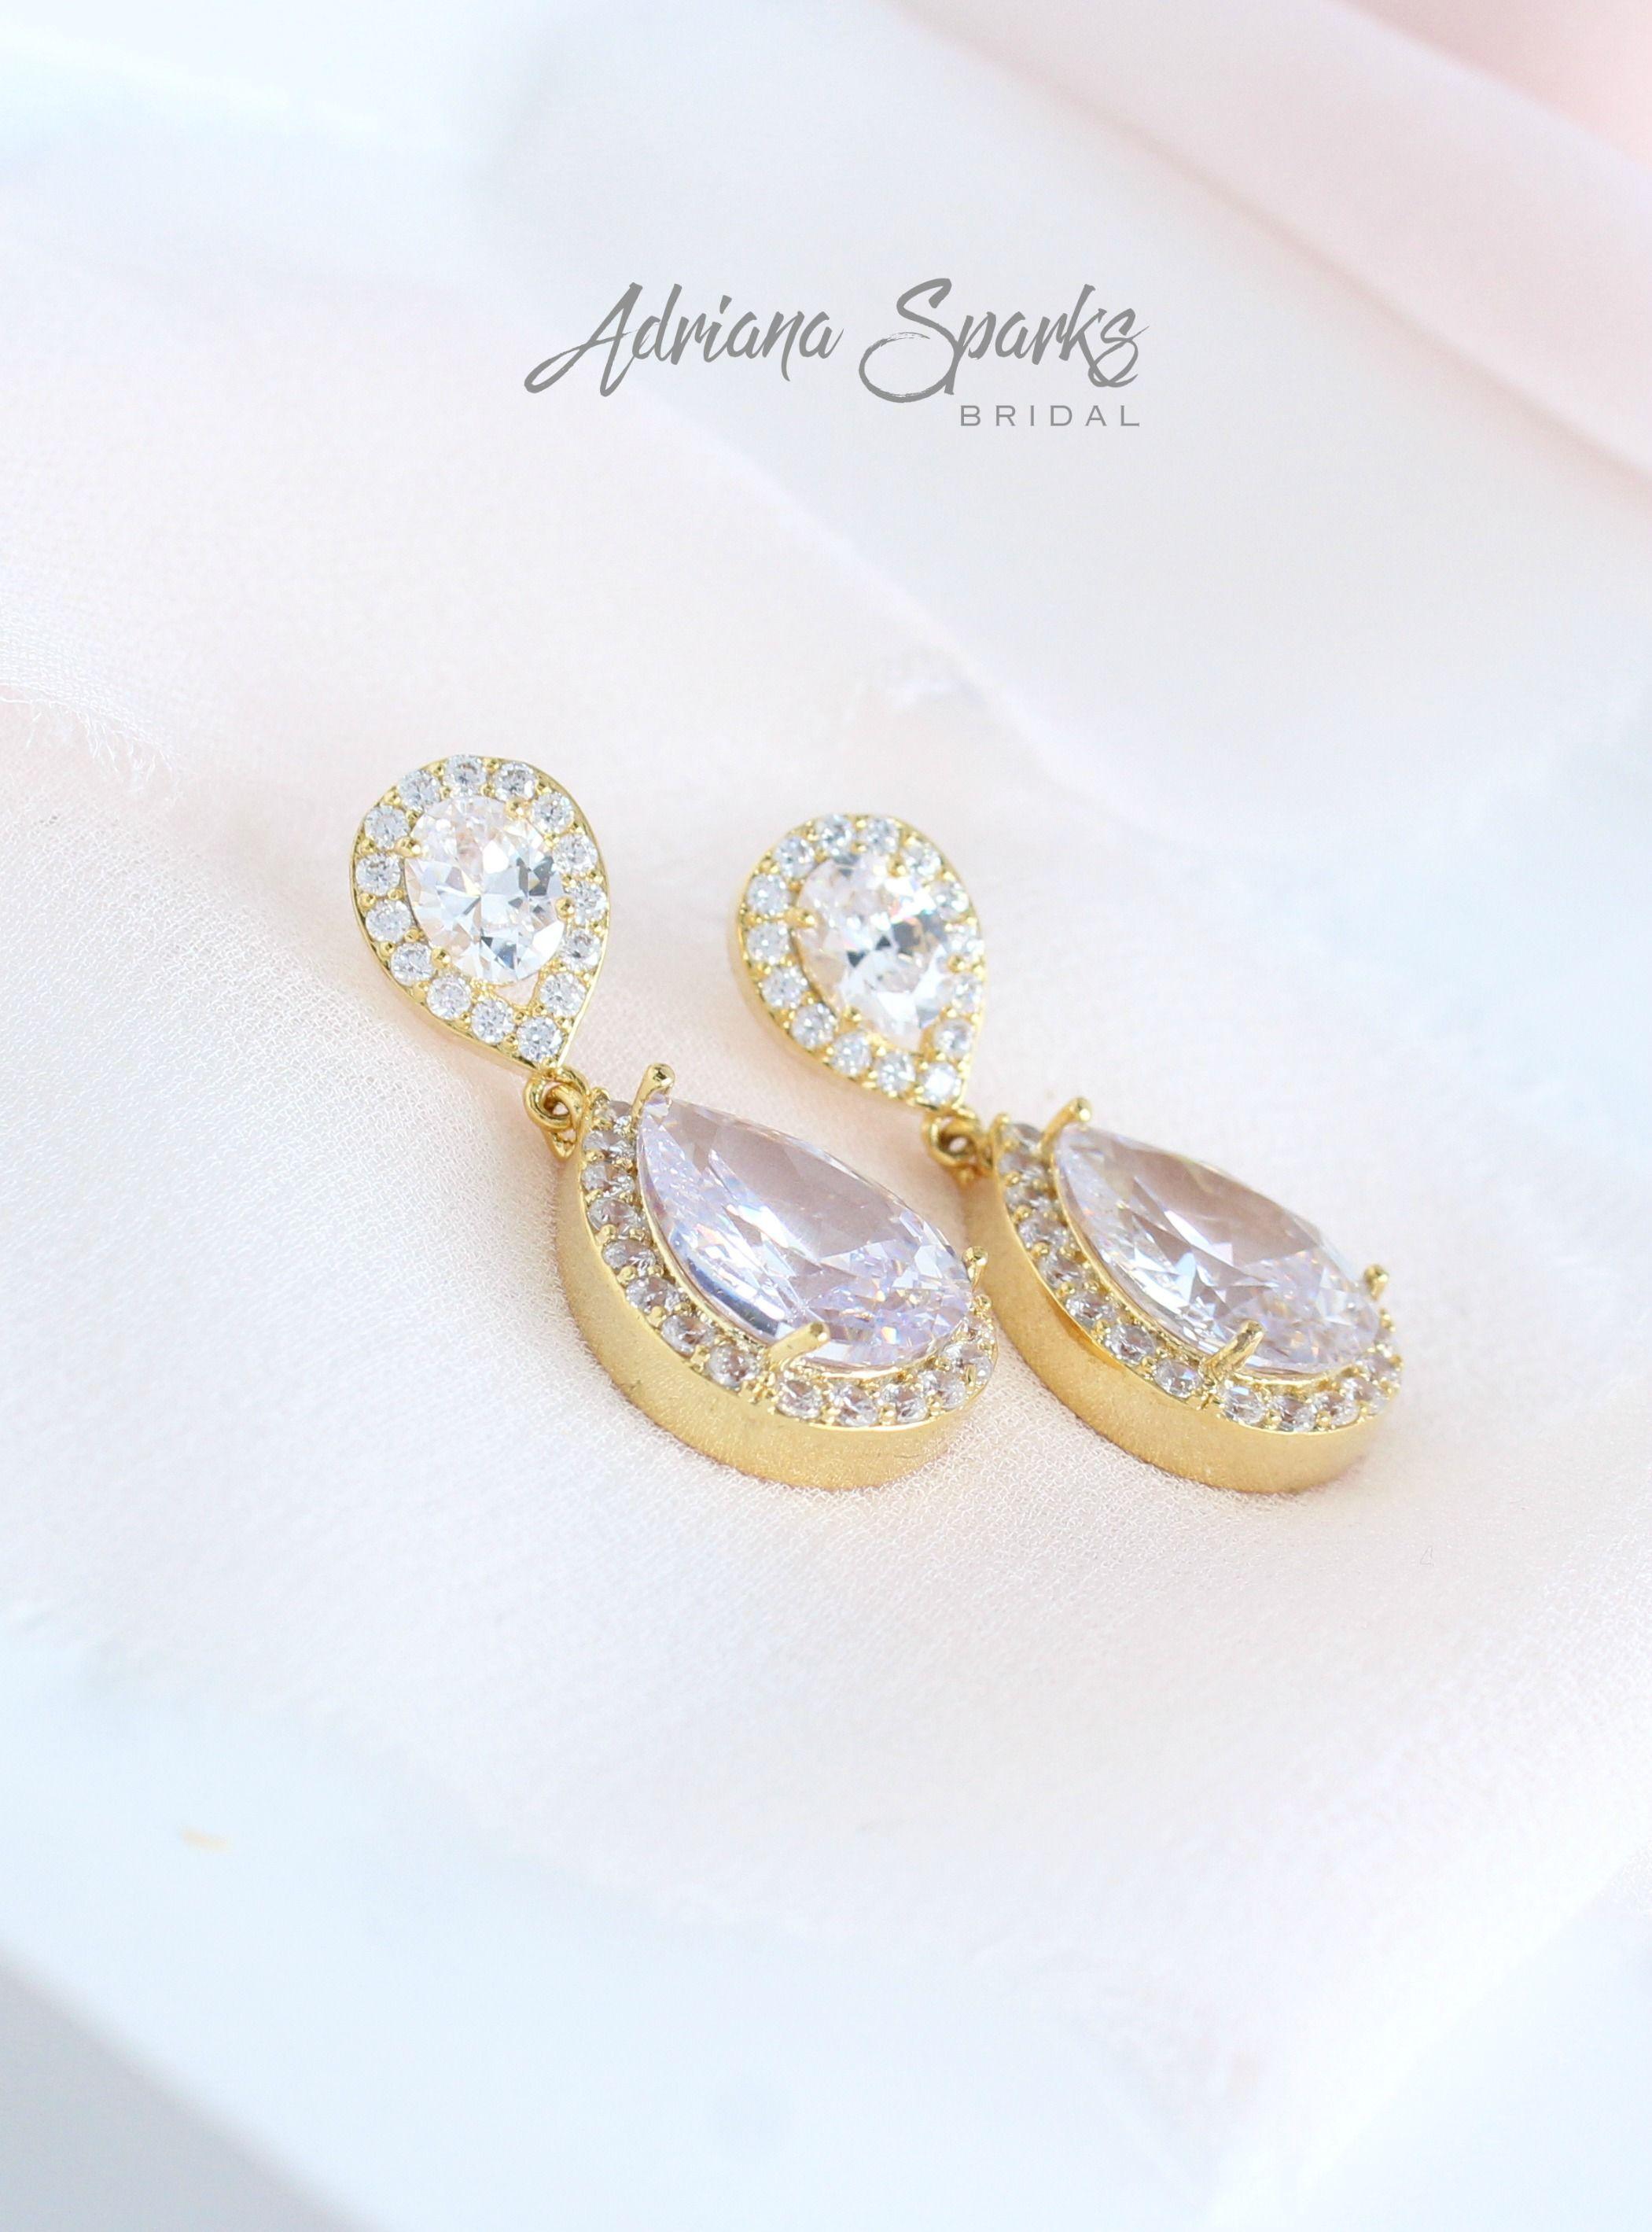 Crystal Drop Bridal Earrings Drop Wedding Earrings Etsy In 2020 Wedding Earrings Drop Bridal Jewelry Vintage Bridal Earrings Drop